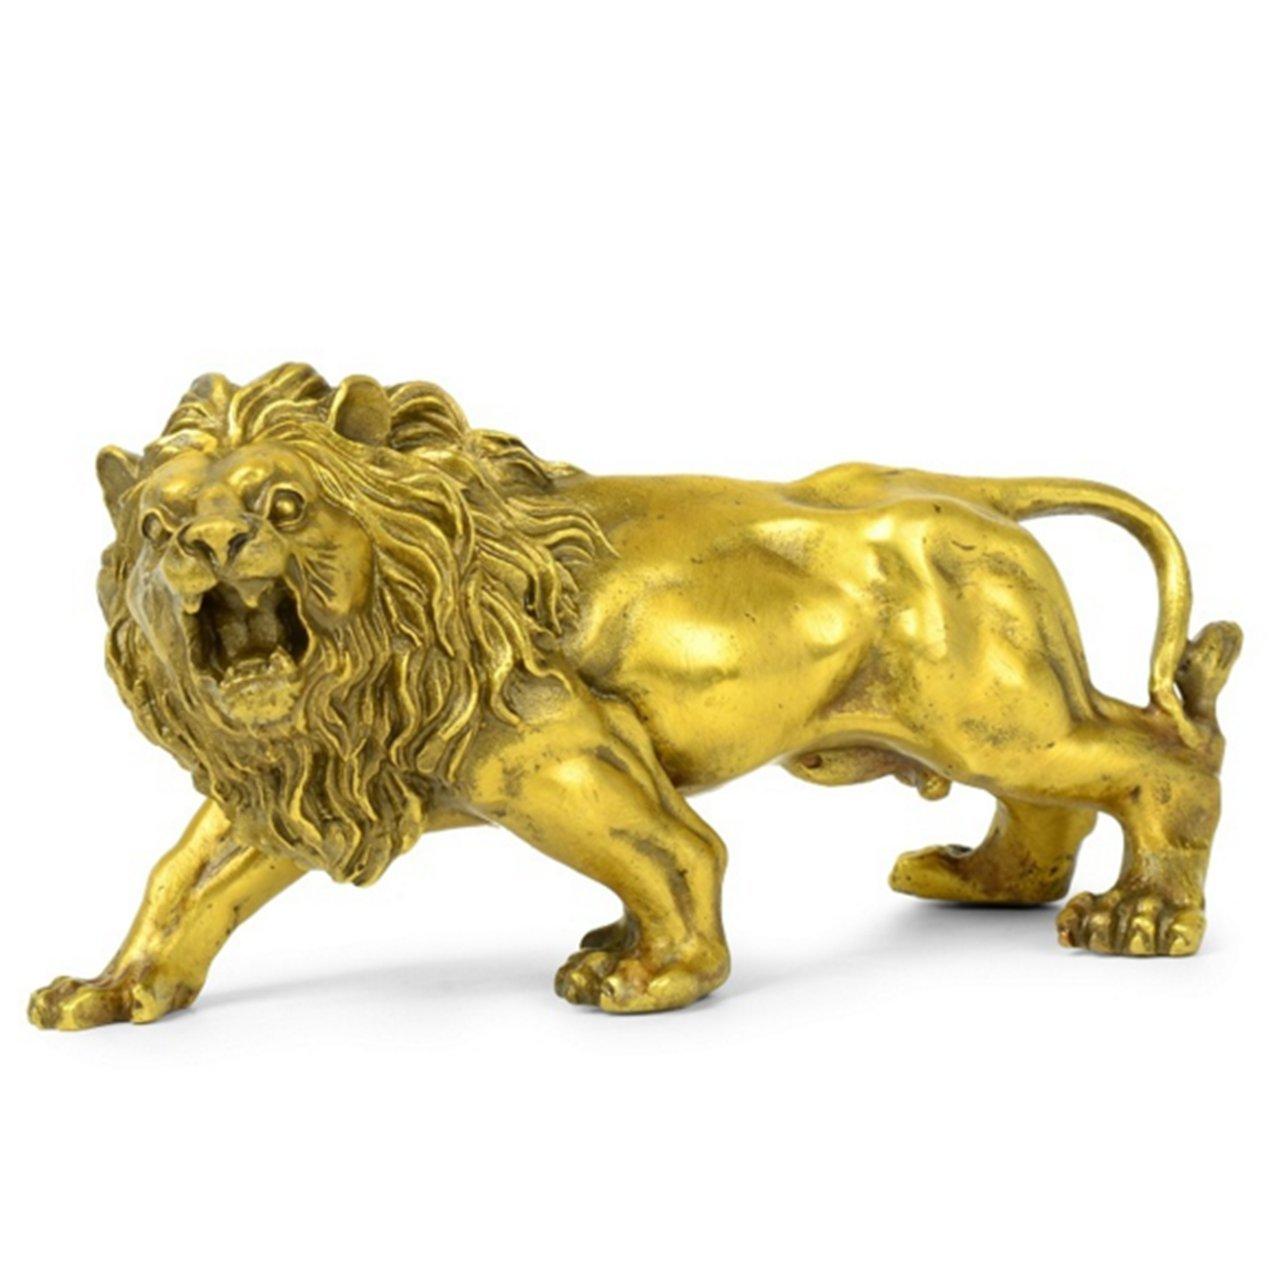 獅子 ライオン 置物 銅 狛犬 開運 おきもの 置き物 小物 運気 風水 オブジェ 動物 インテリア 飾り 銅像 玄関 寝室 ブロンズ 赤い糸ブレスレットが付け B075LMGZ5Q